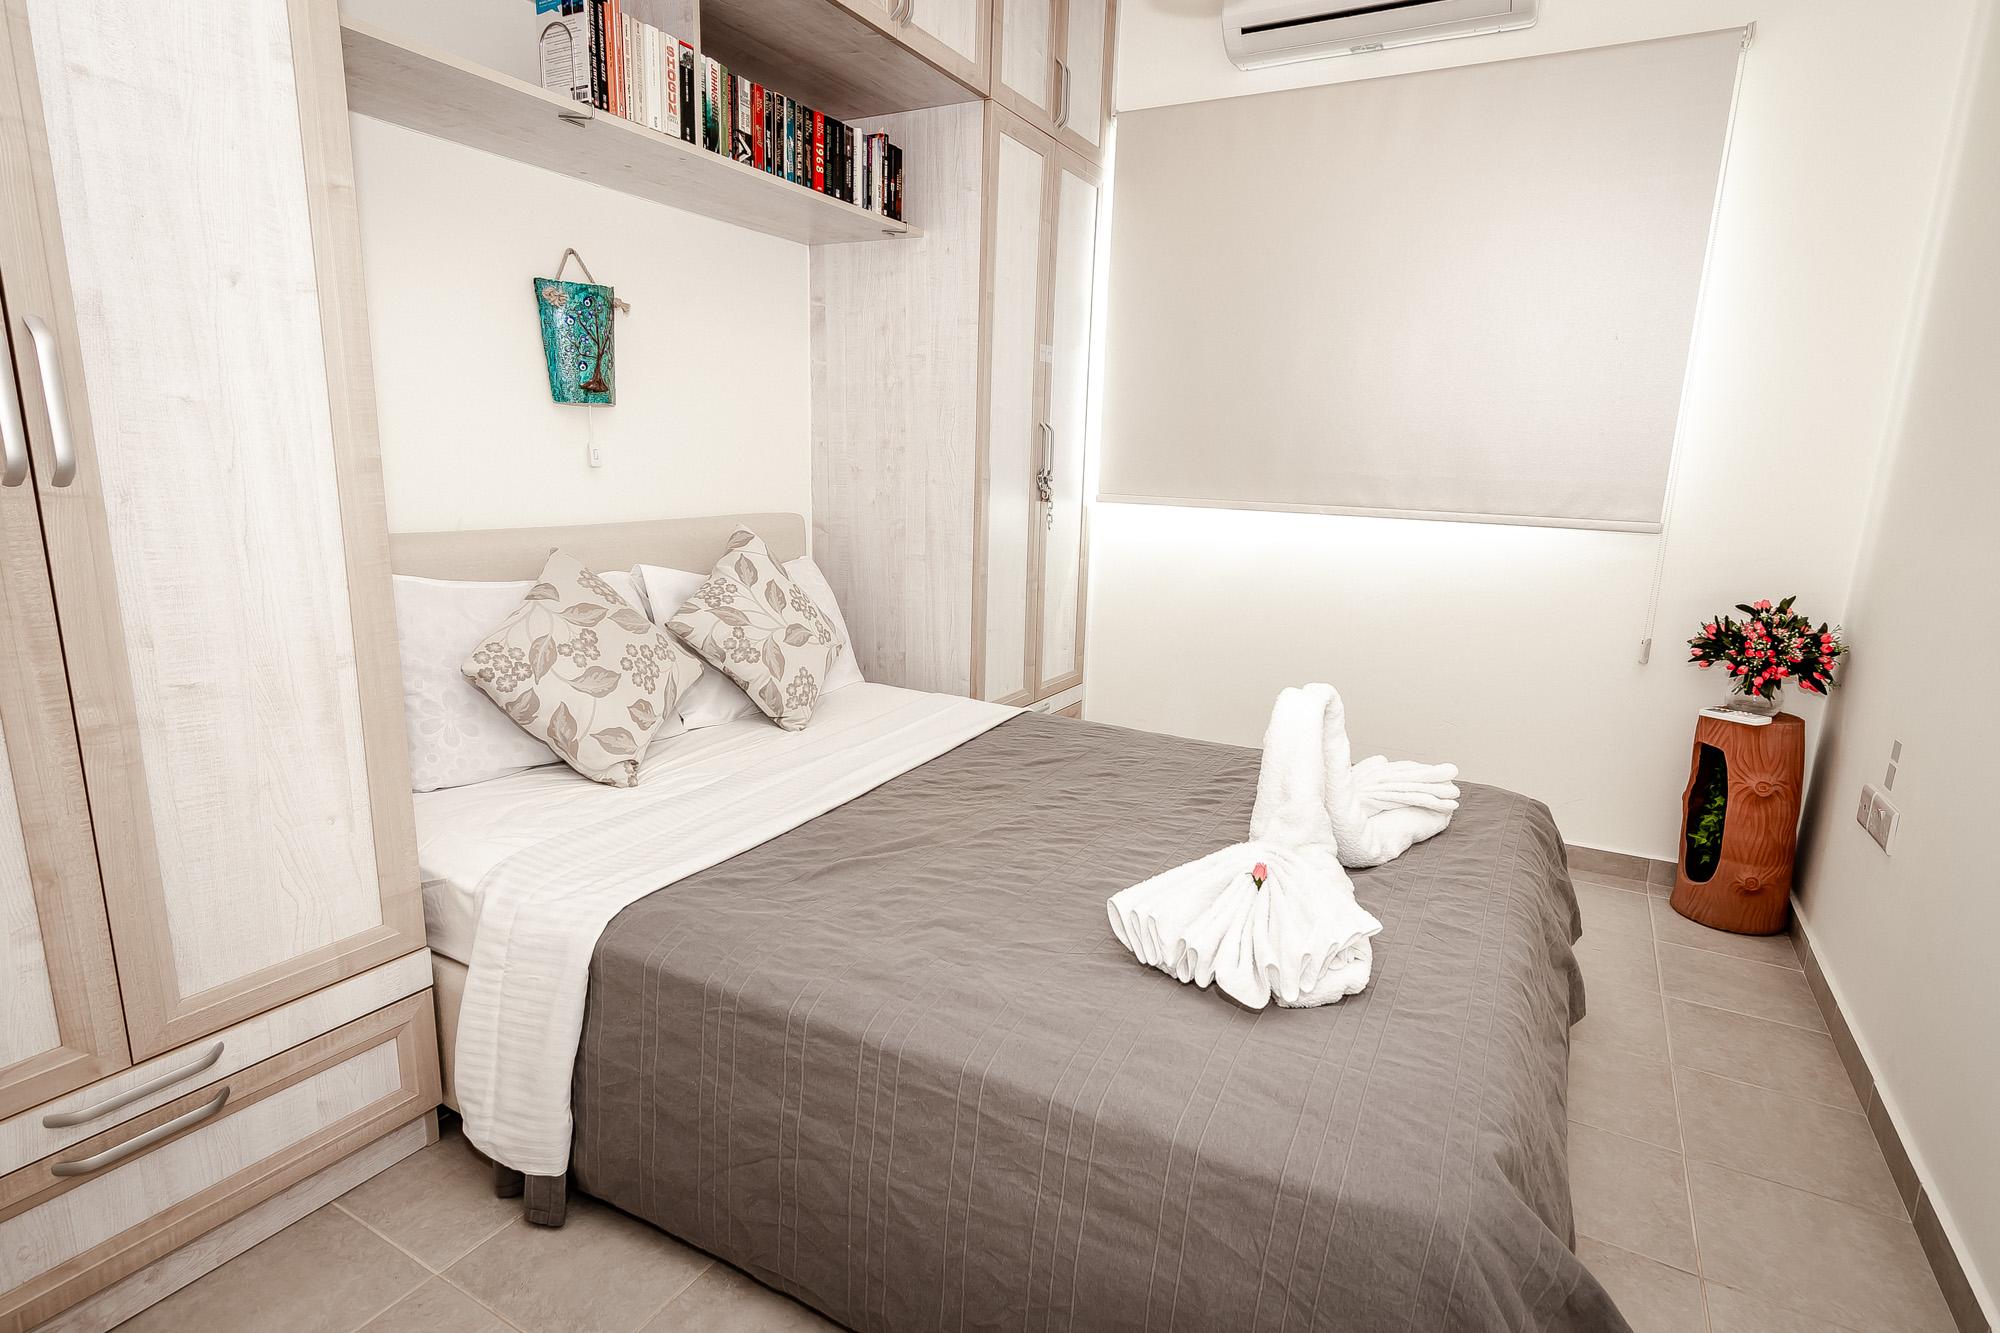 Apartment Joya Cyprus Moonlit Penthouse Apartment photo 20224379